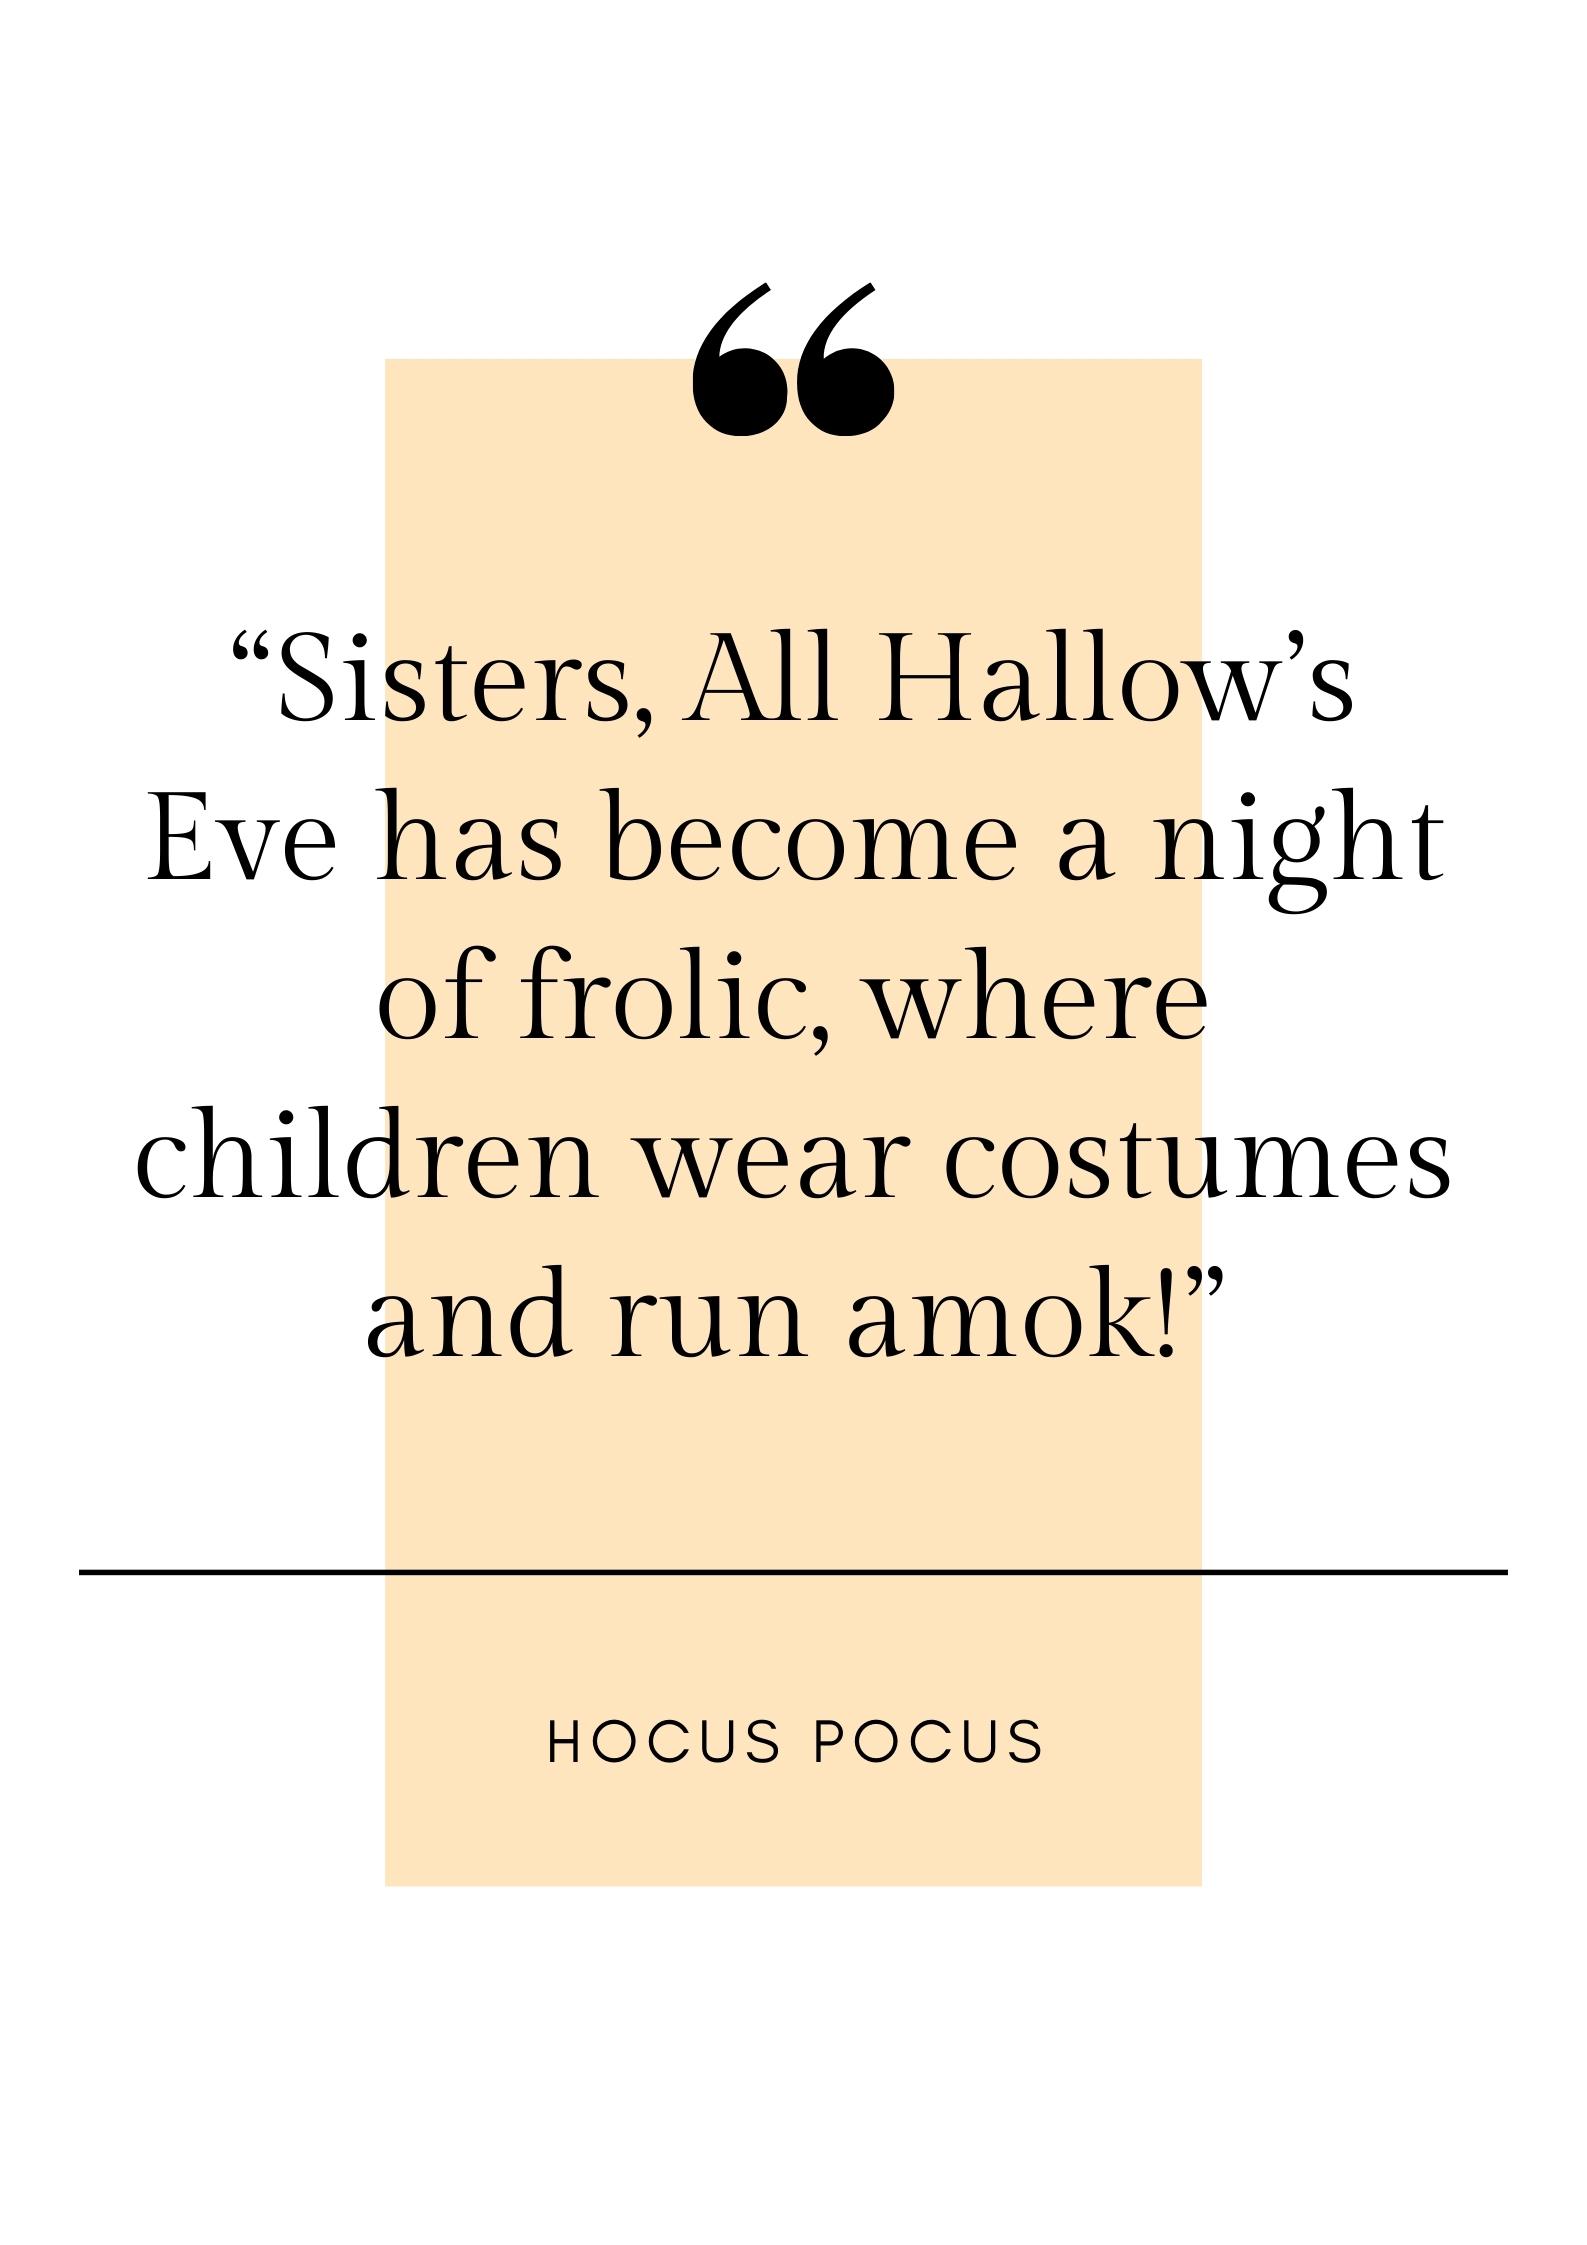 hocus pocus quote